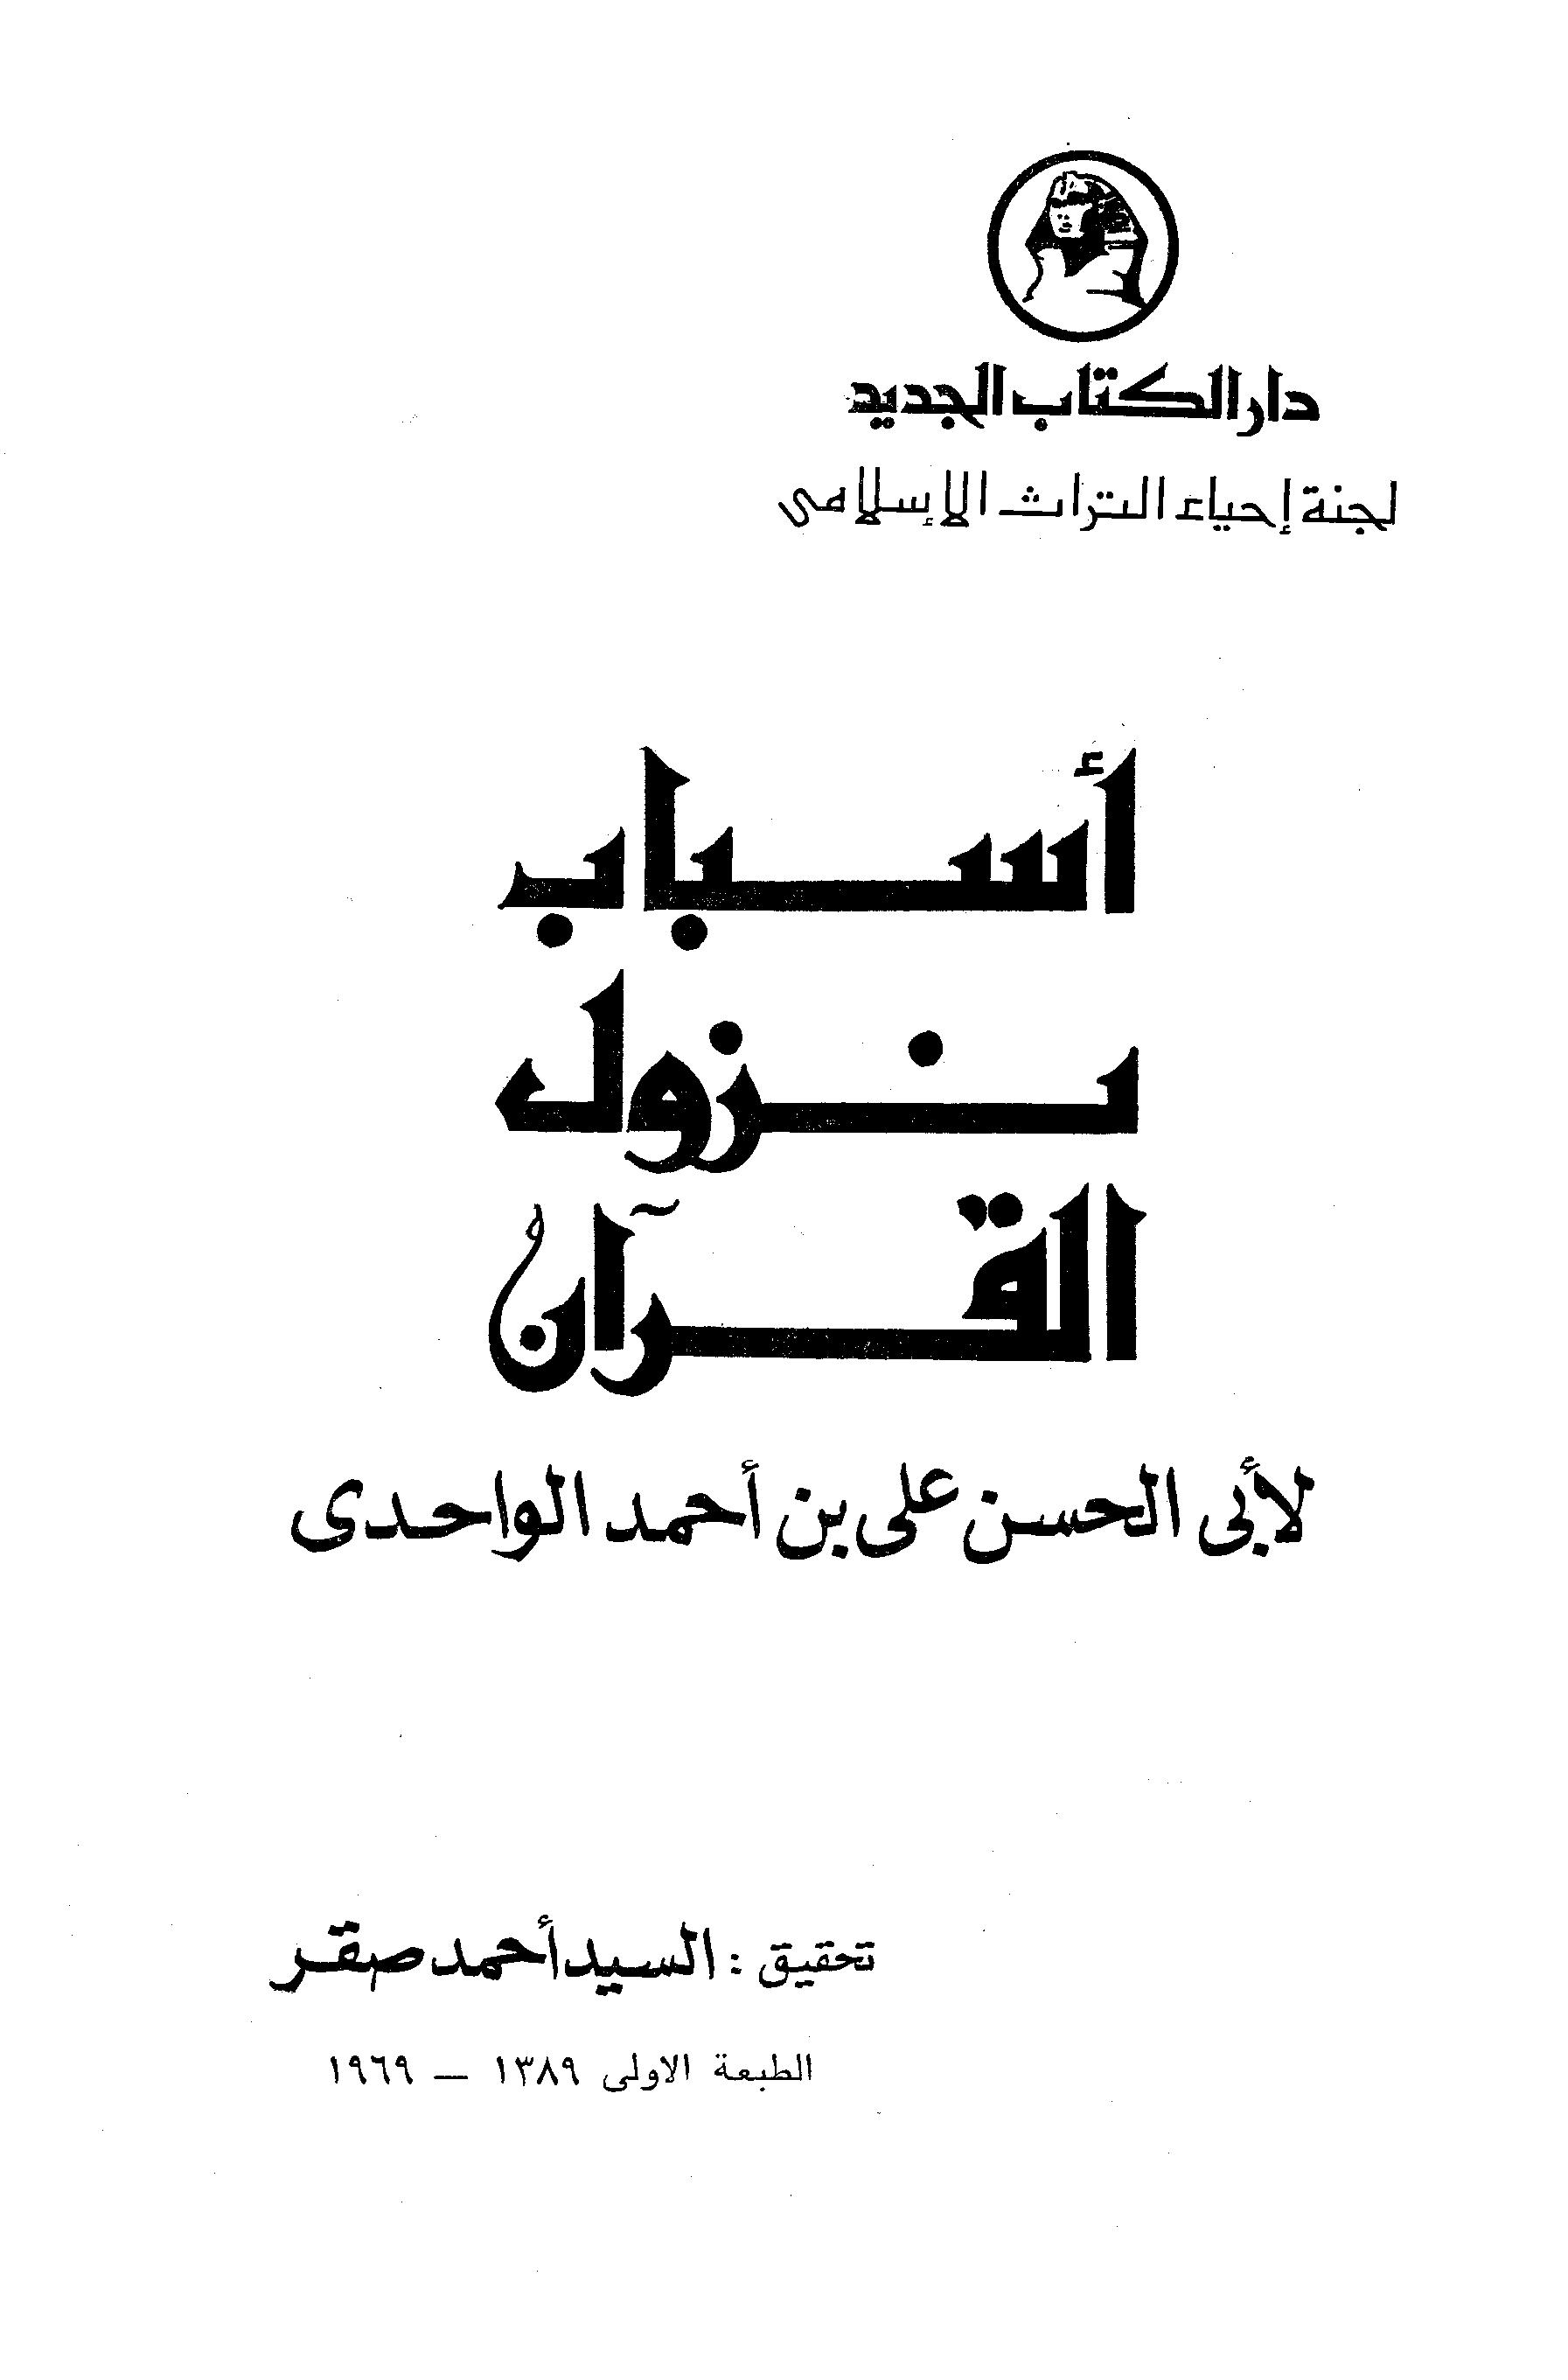 تحميل كتاب أسباب نزول القرآن (ط. دار الكتاب الجديد) لـِ: الإمام أبو الحسن علي بن أحمد بن محمد بن علي الواحدي (ت 468)